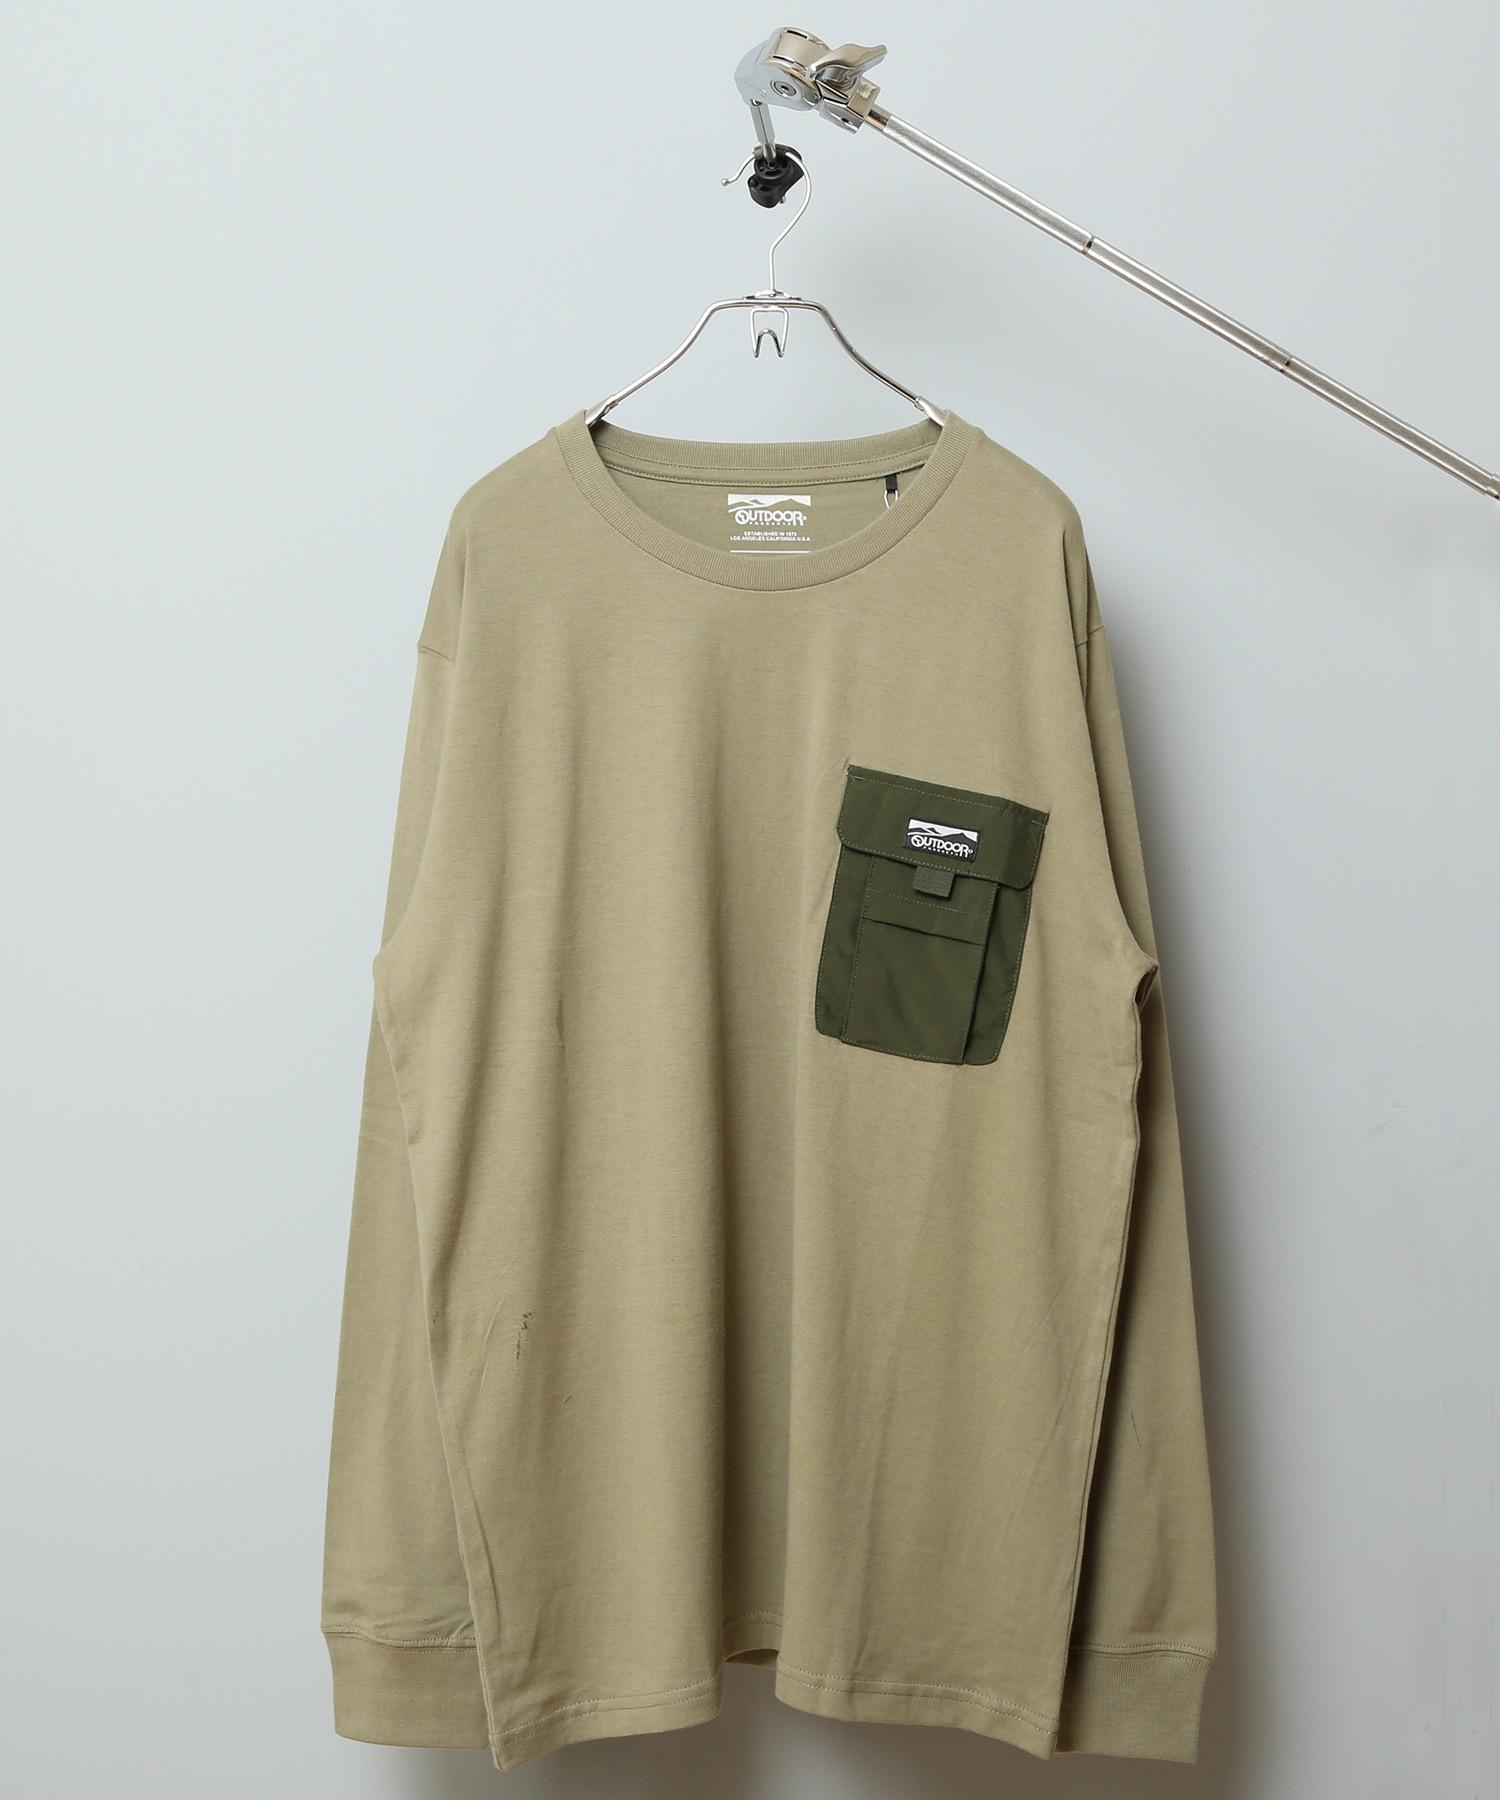 ポケットロンT ロングTシャツ やや身幅をゆったり 左胸に異素材のマチ付きポケット